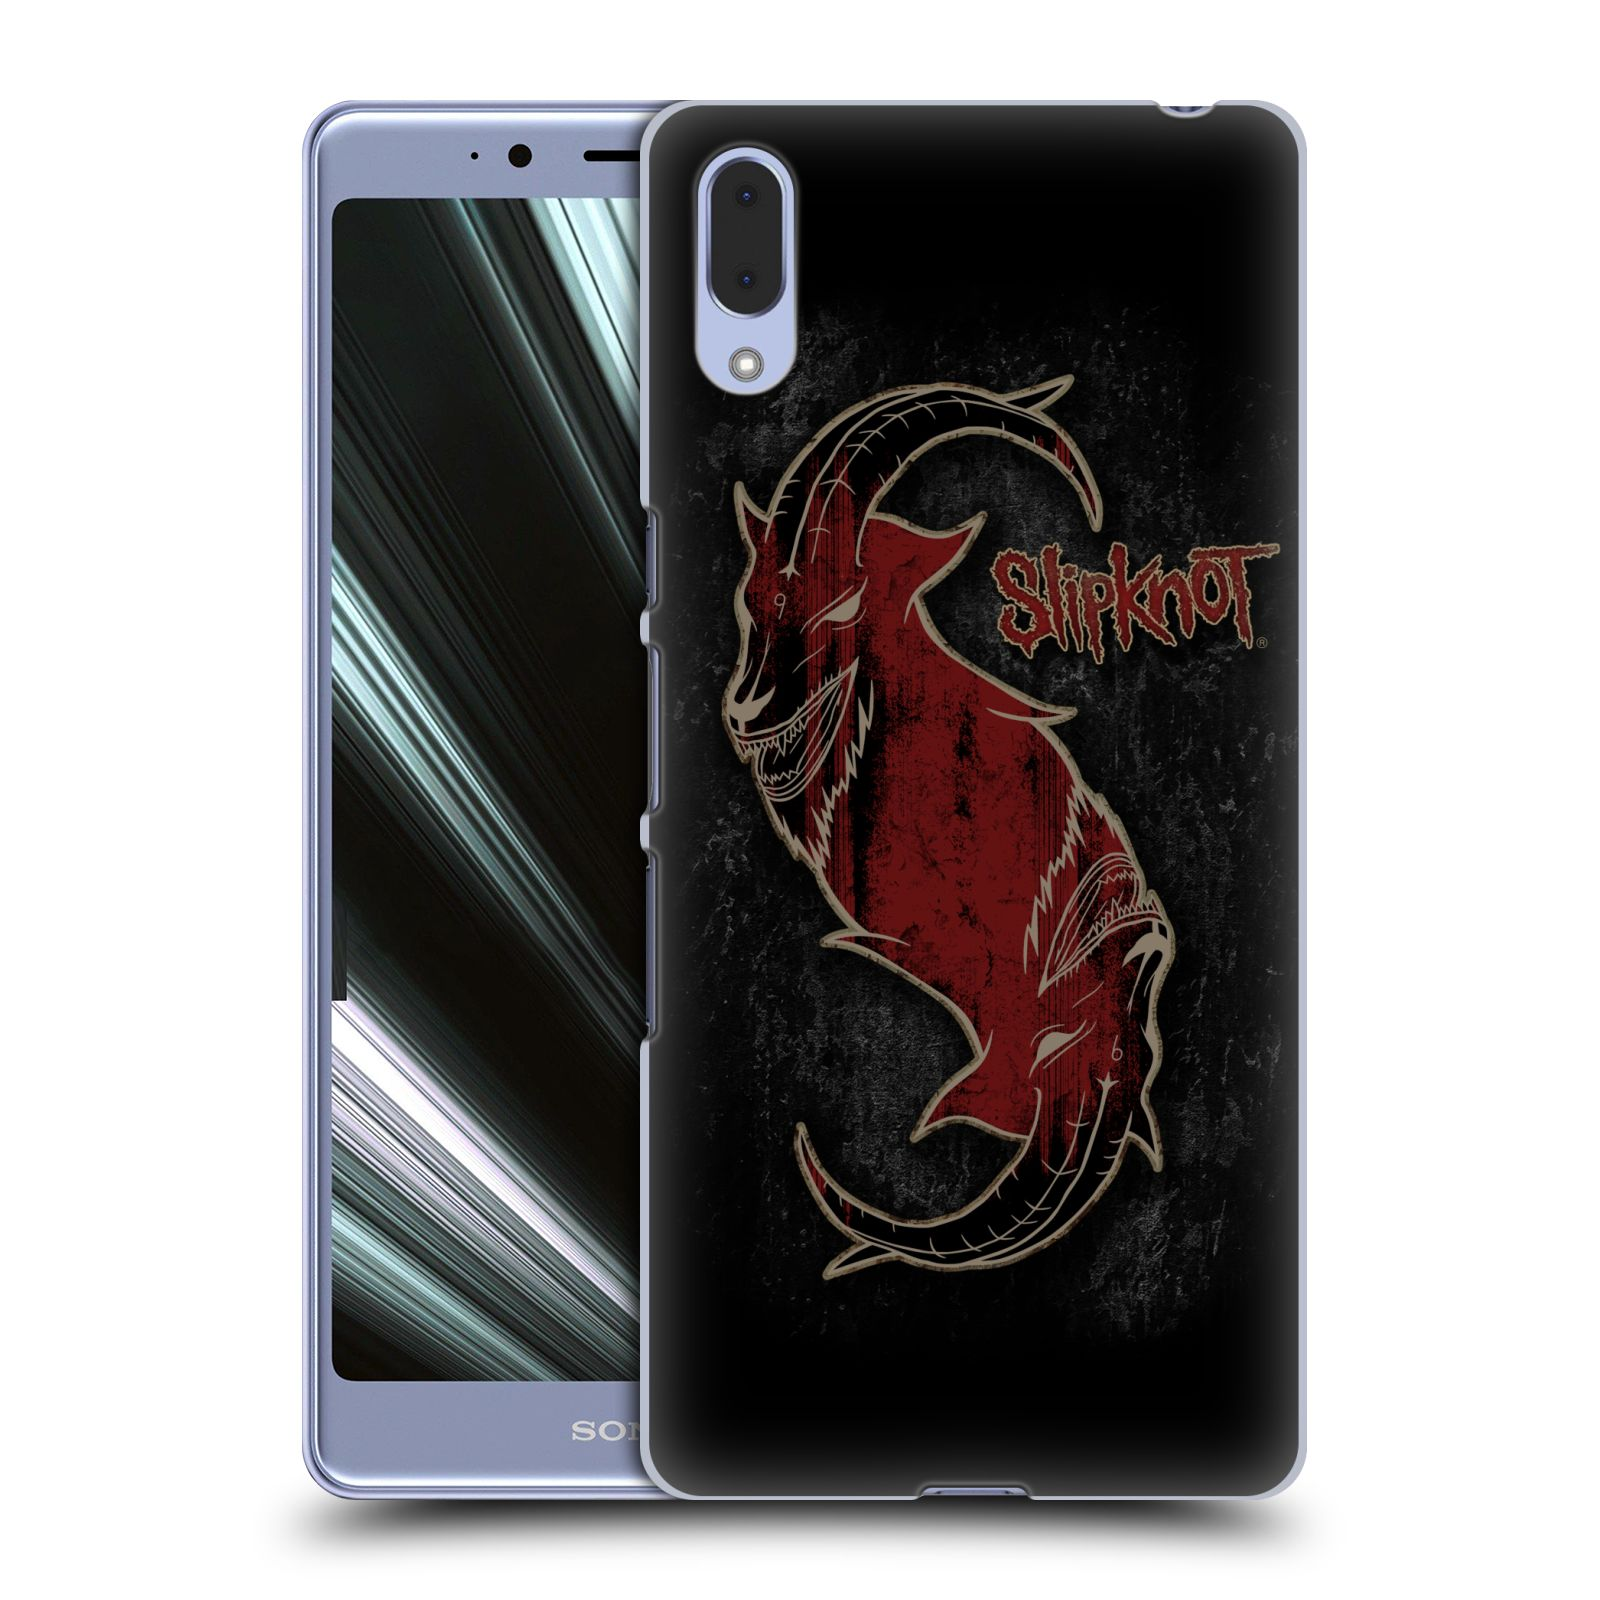 Plastové pouzdro na mobil Sony Xperia L3 - Head Case - Slipknot - Rudý kozel